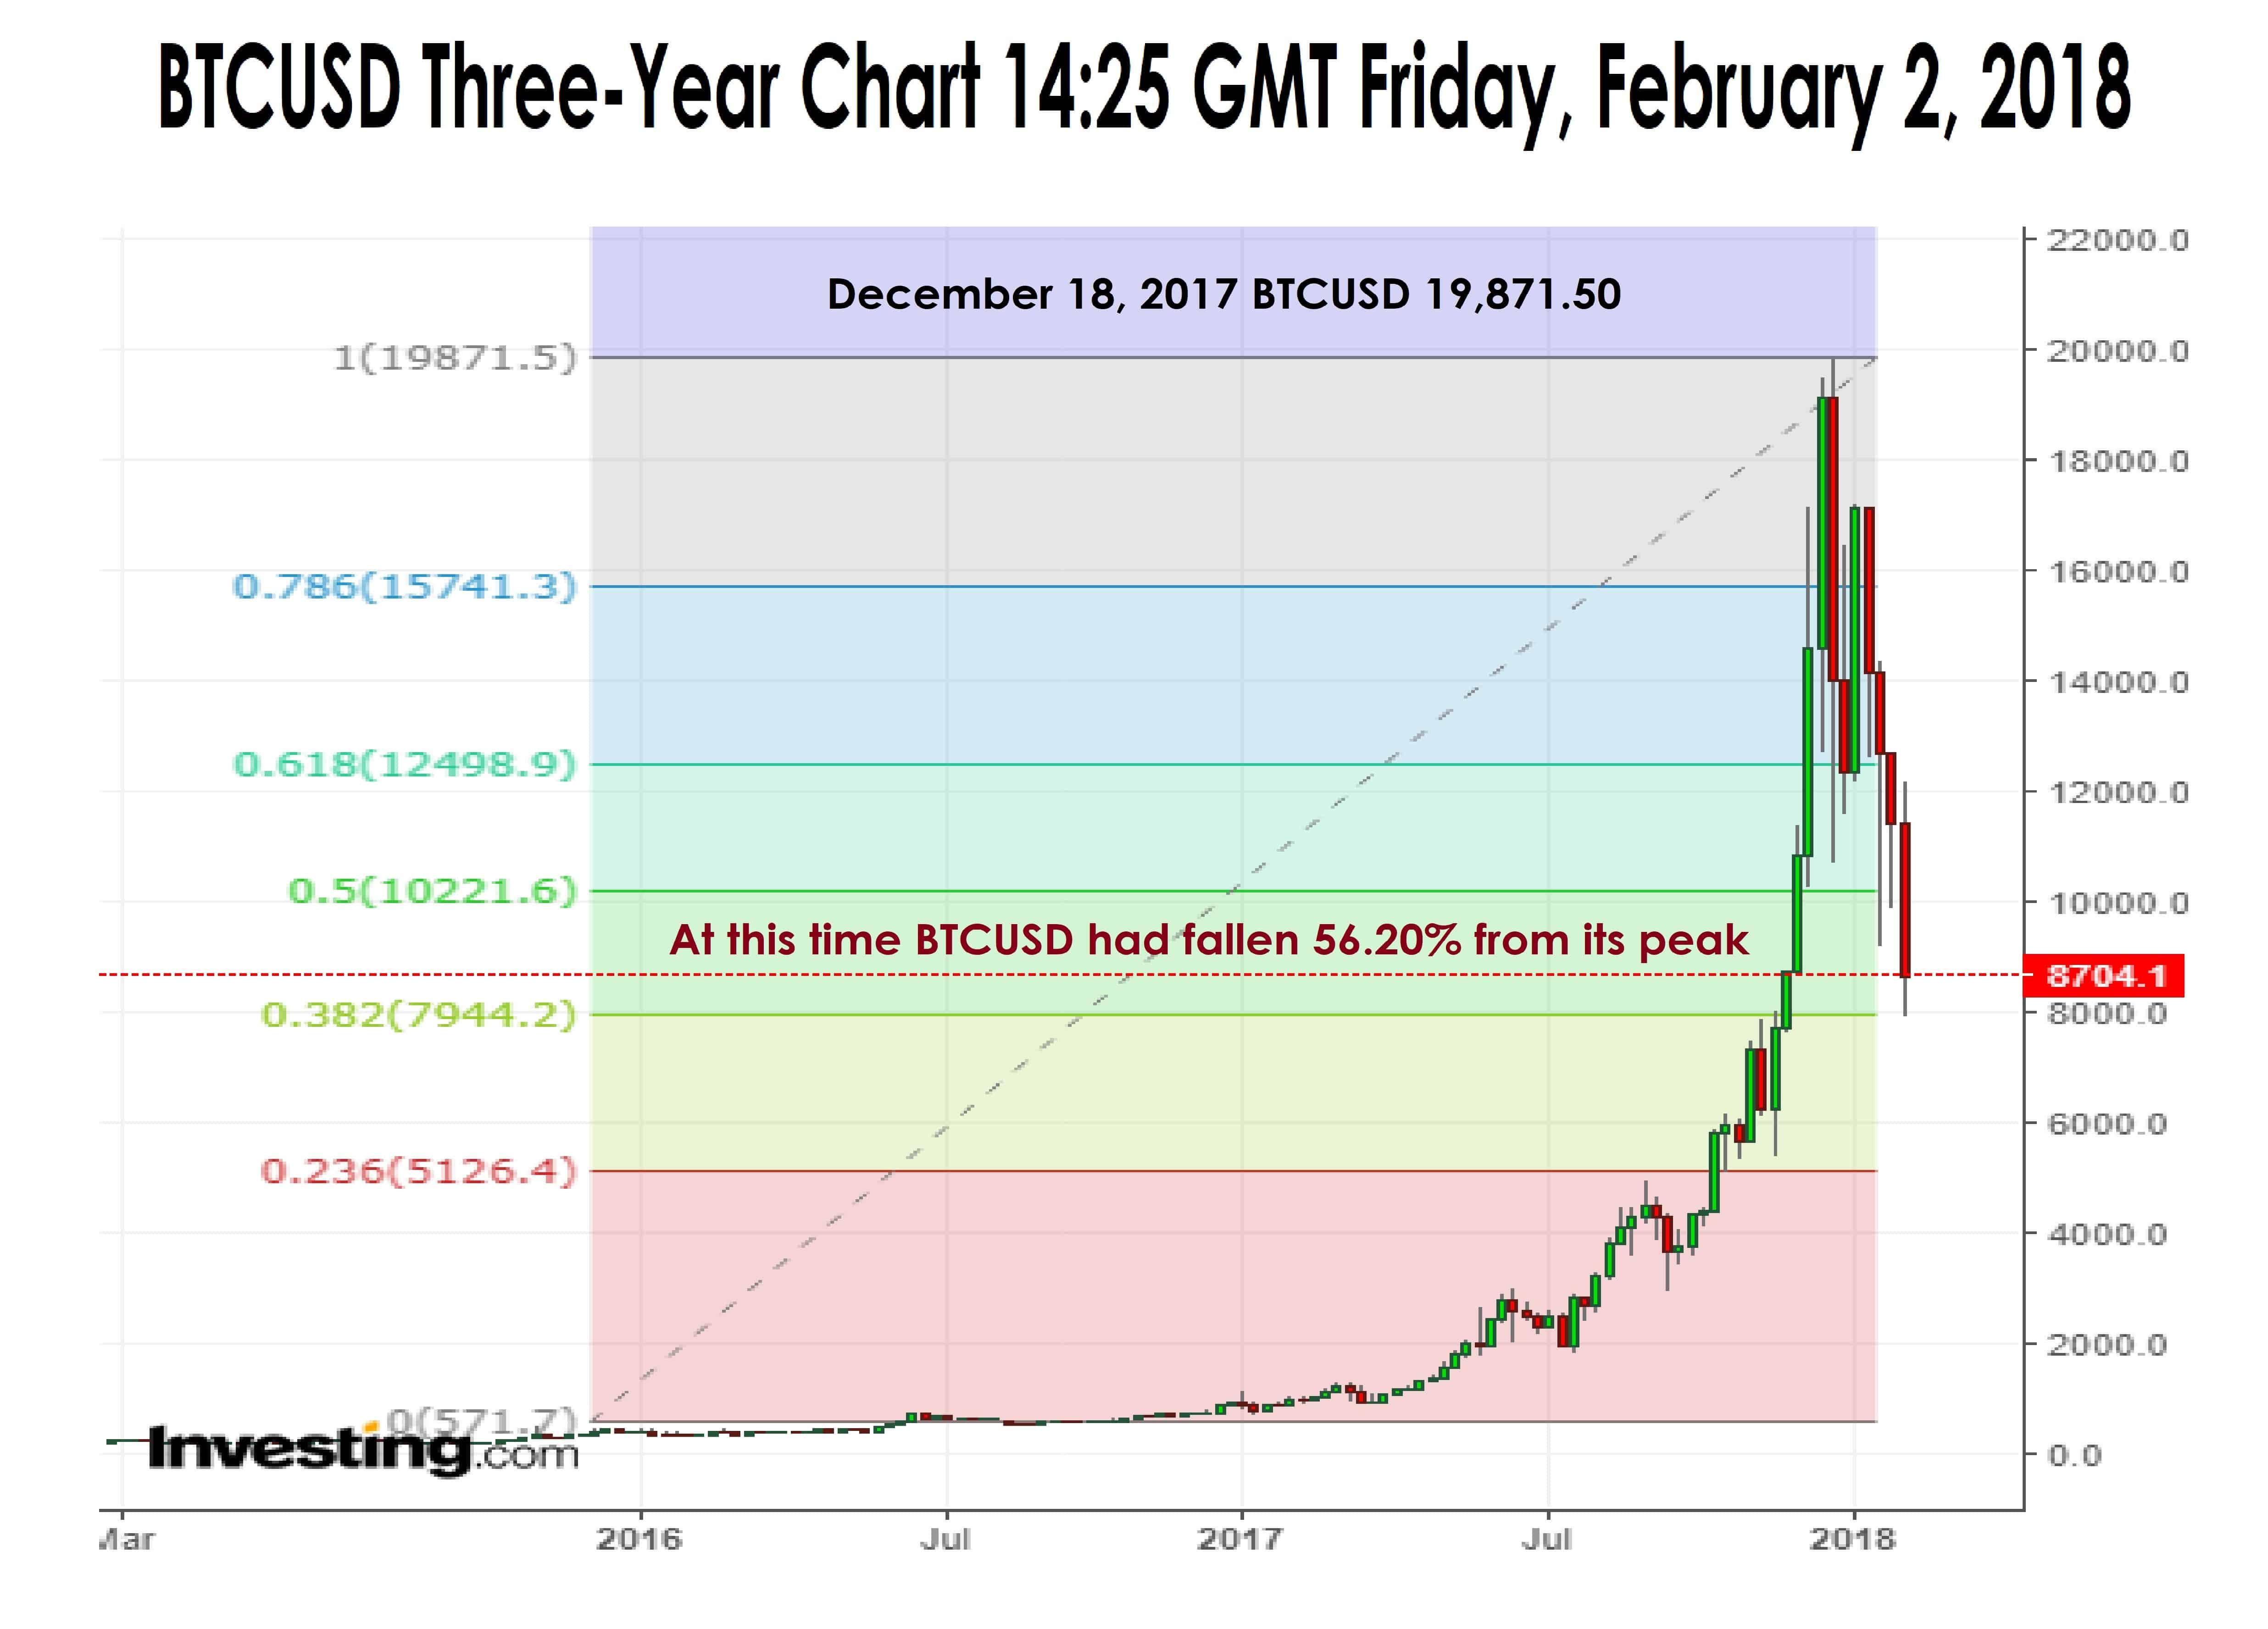 Bitcoin 3 year chart